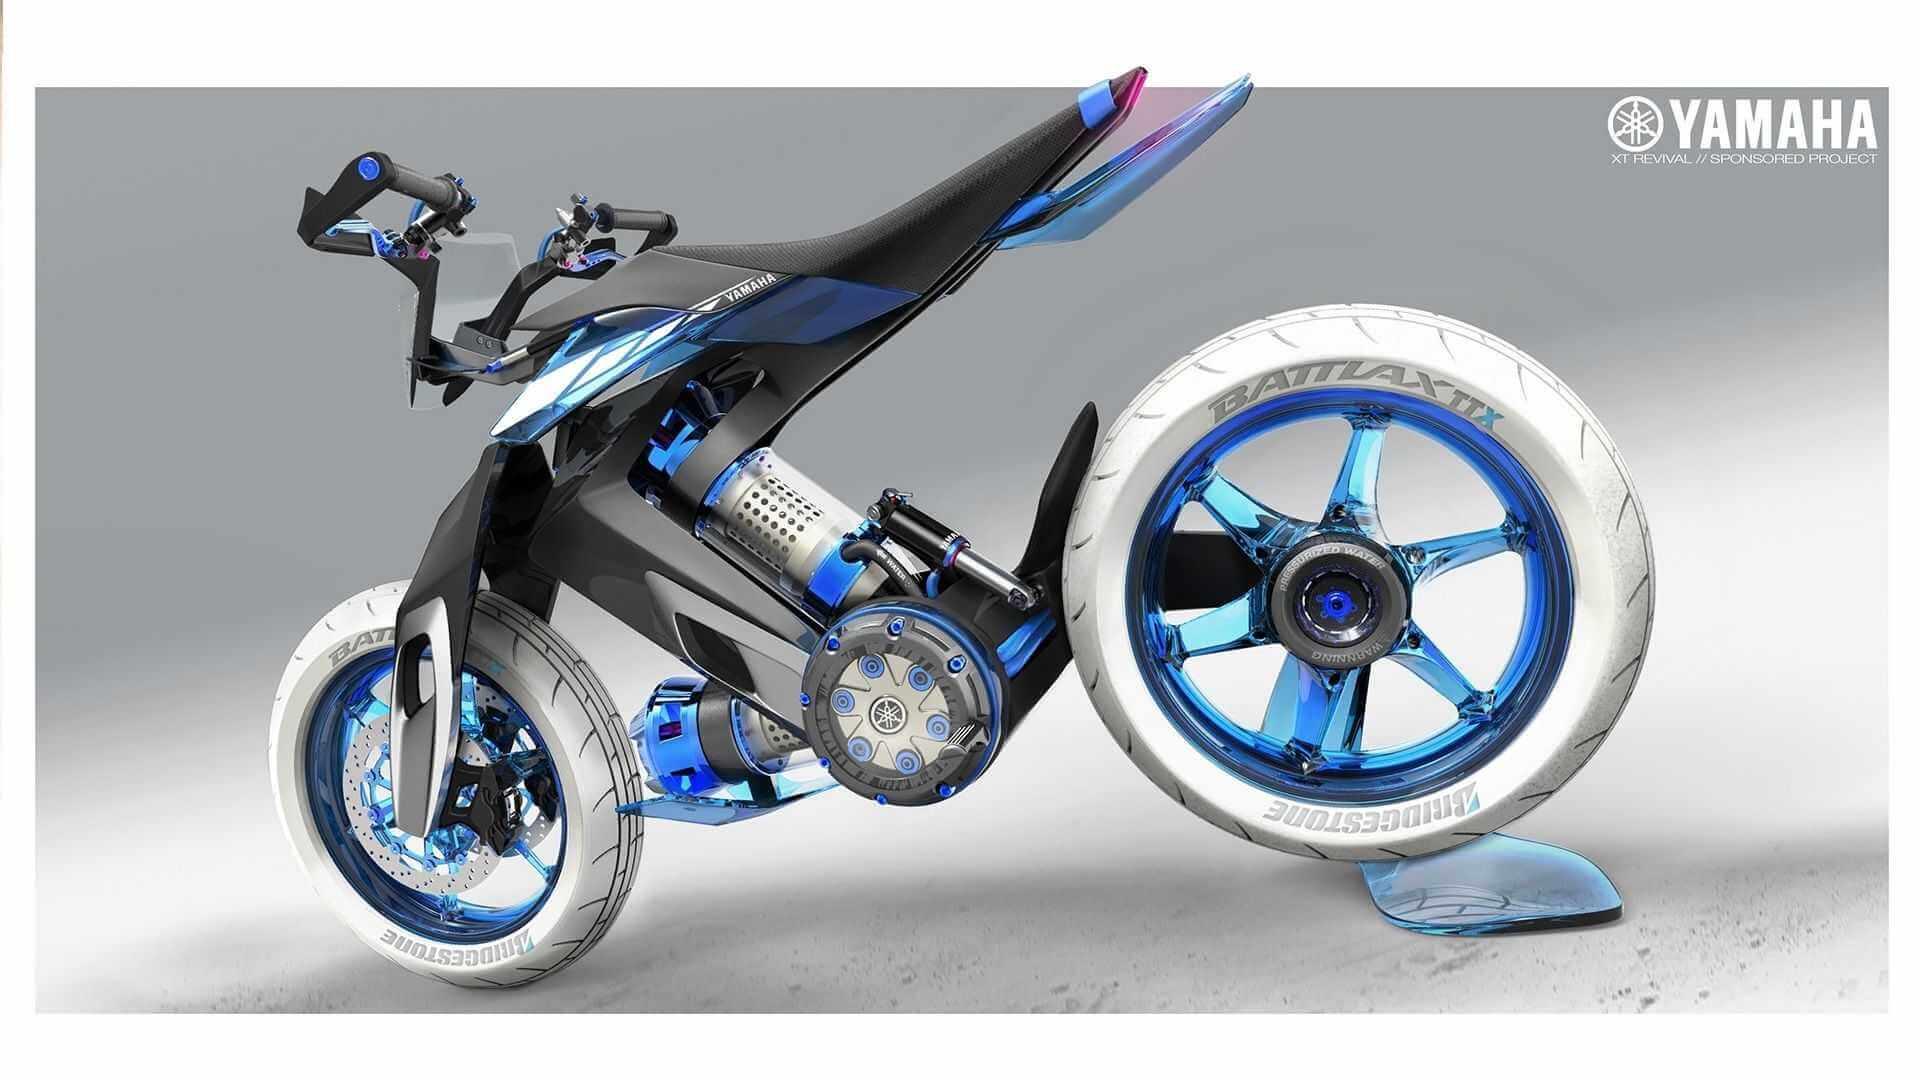 Концептуальный мотоцикл с водяным двигателем Yamaha XT500 H2O